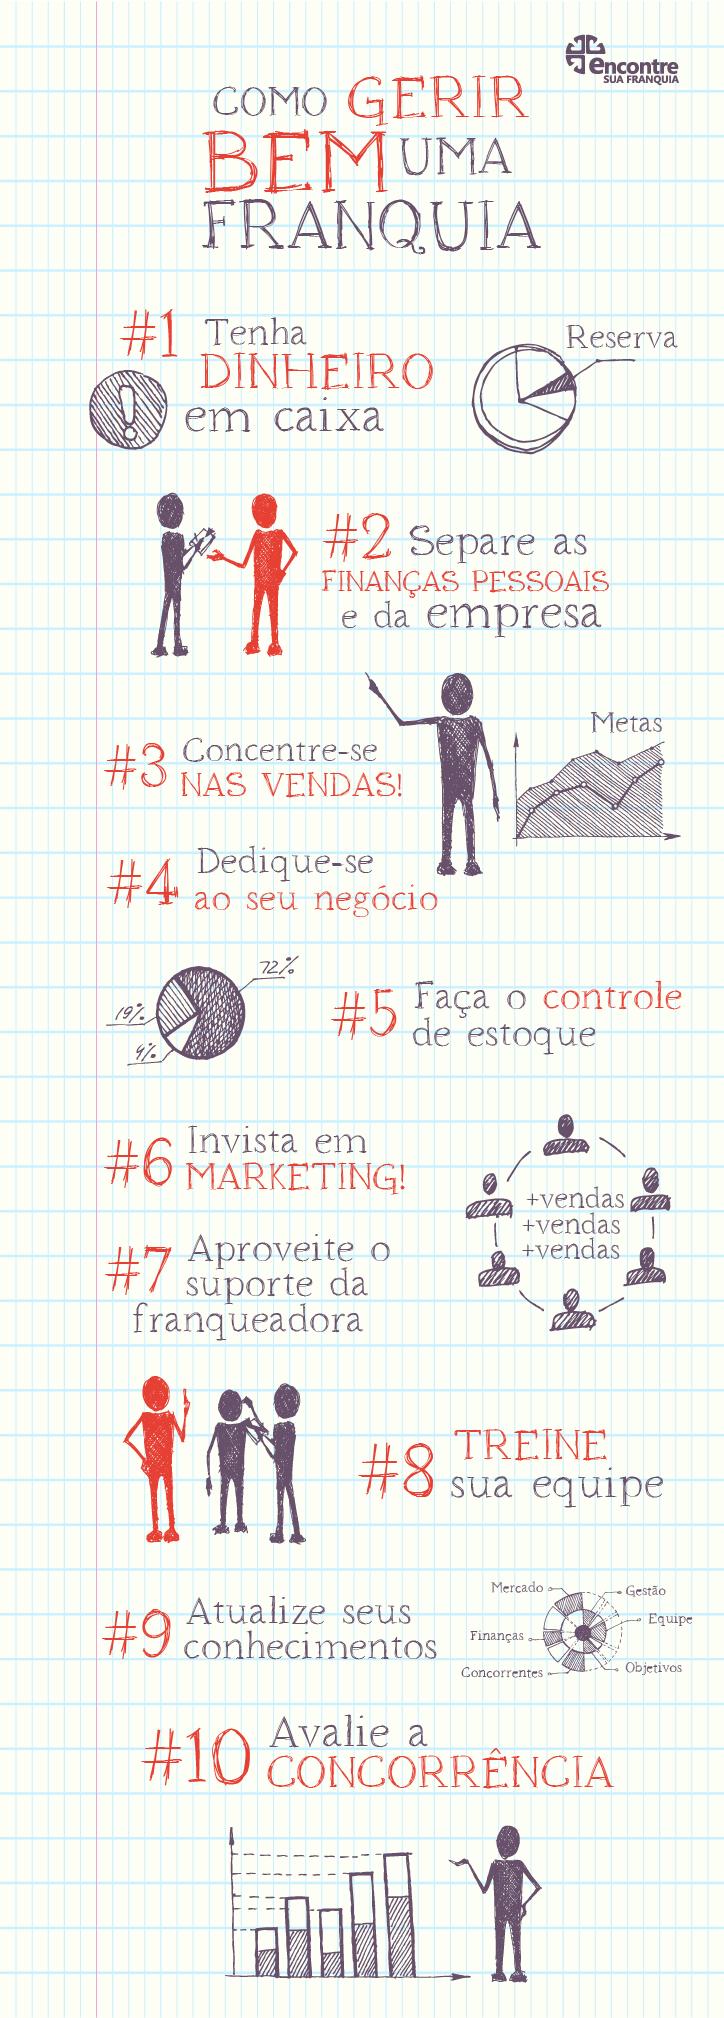 infografico como gerir franquia